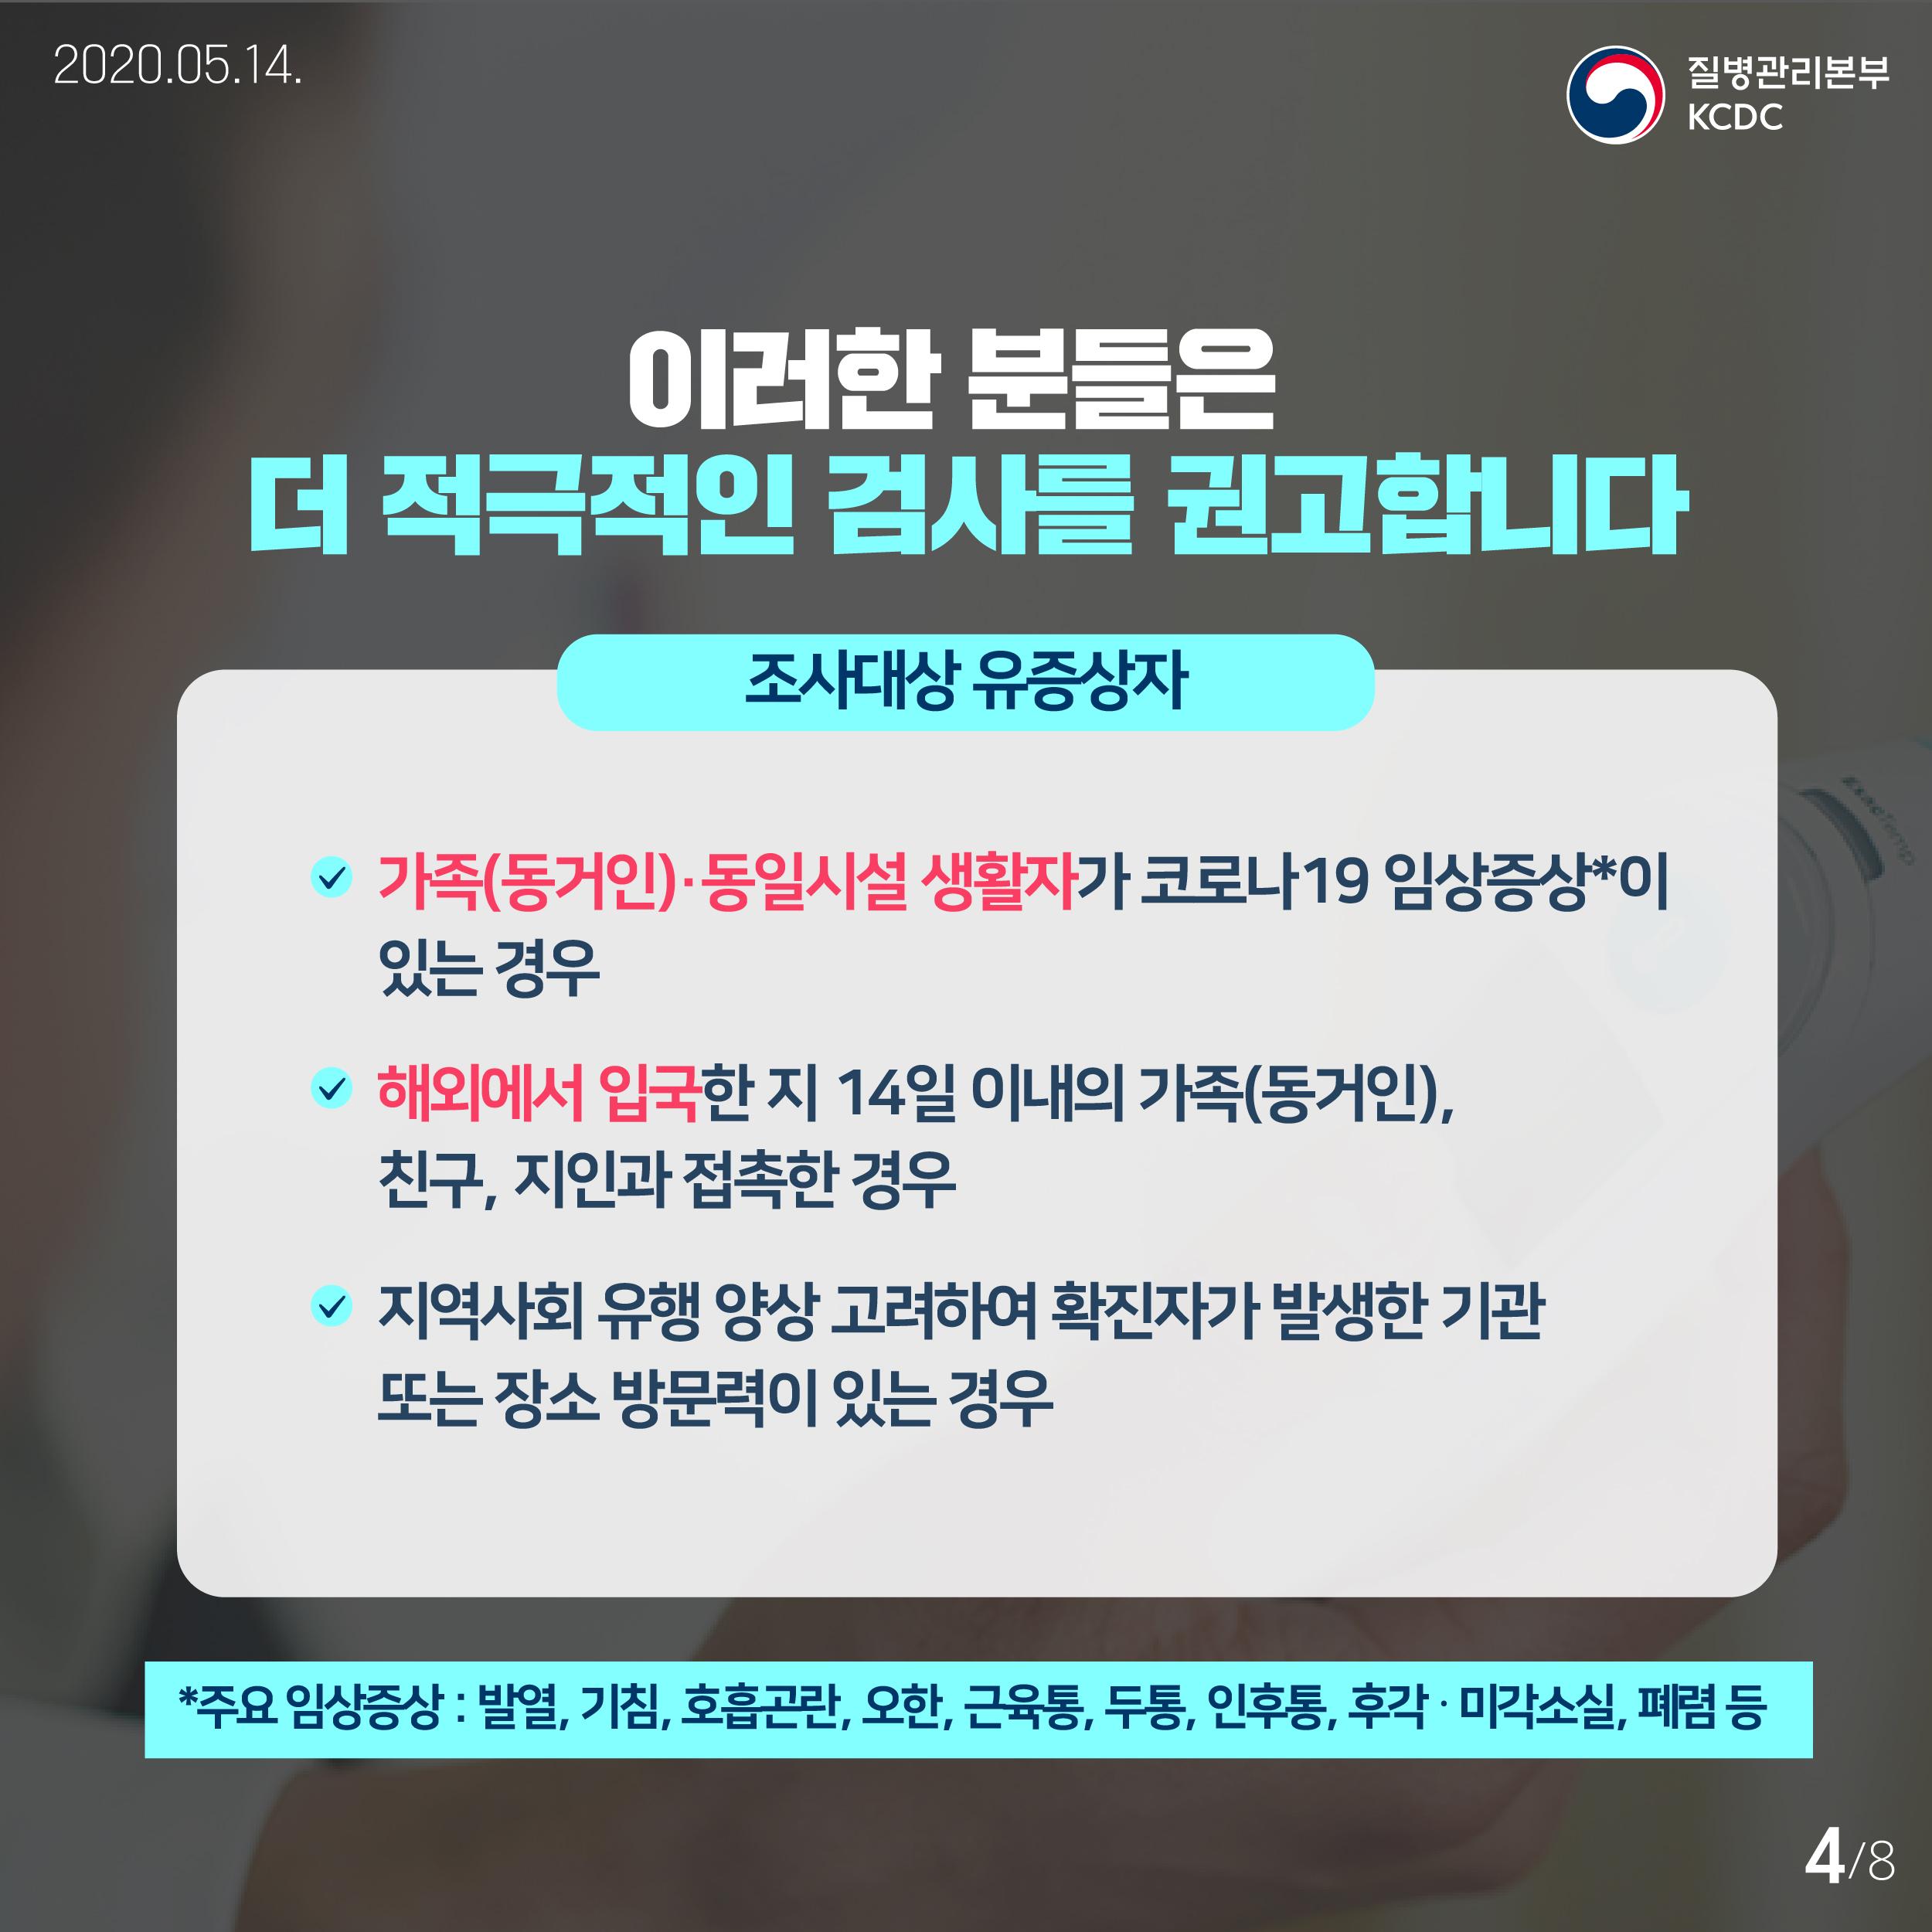 20200514_KCDC_사례정의8판_카드뉴스_4.jpg